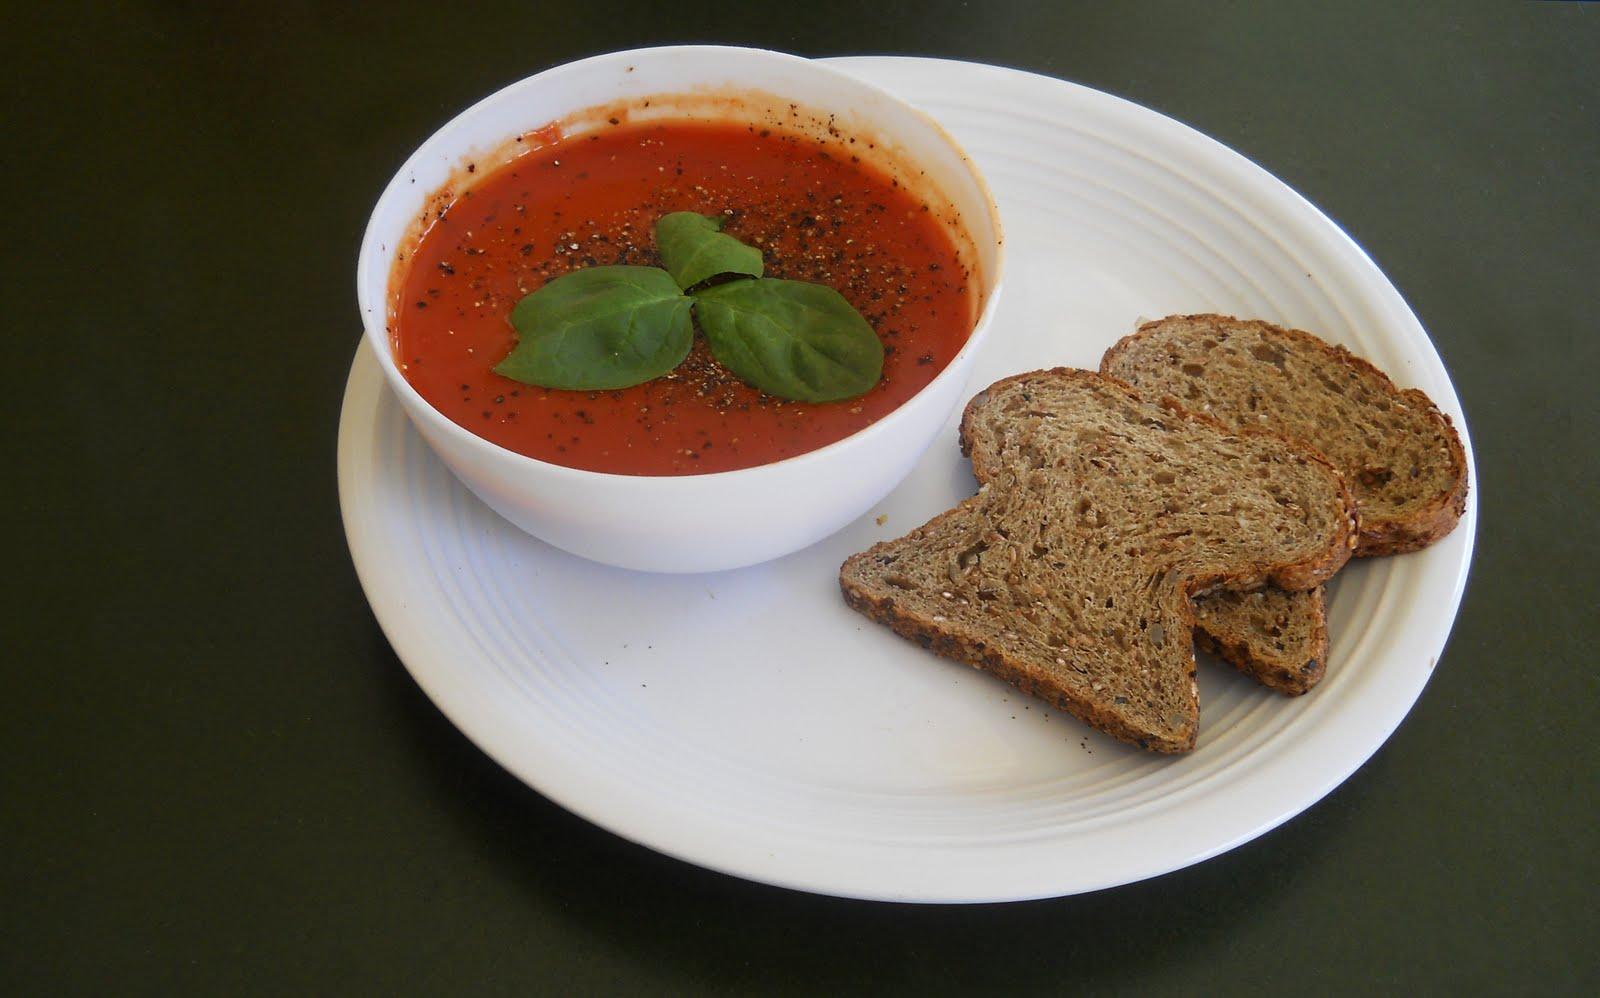 Café VegNews: Tomato Soup, Fluffy Bread